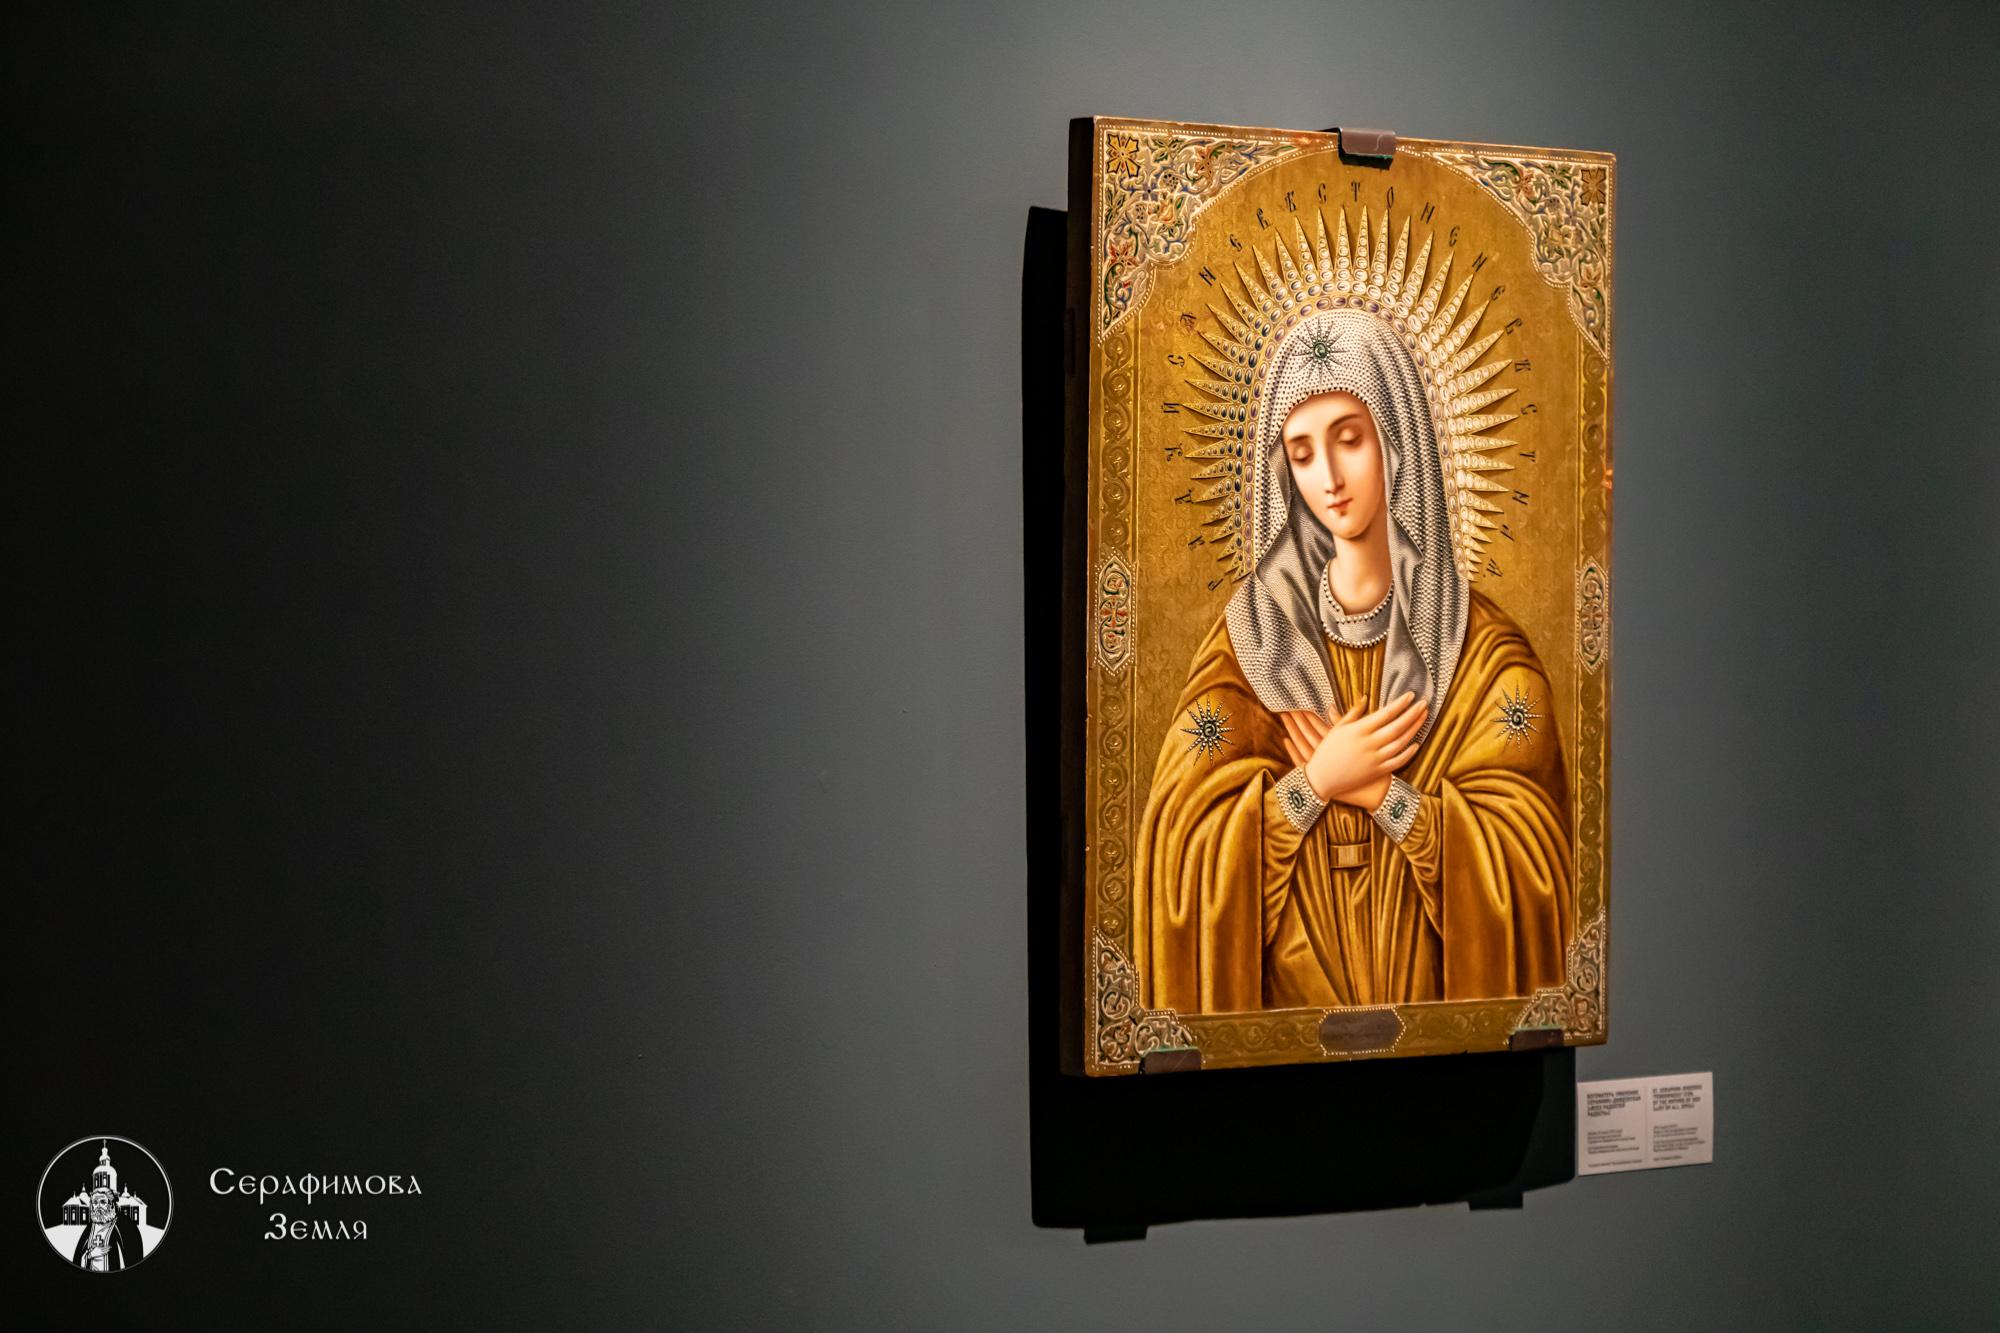 Святыни, связанные с историей Серафимовой земли, можно увидеть на выставке в нижегородском Манеже